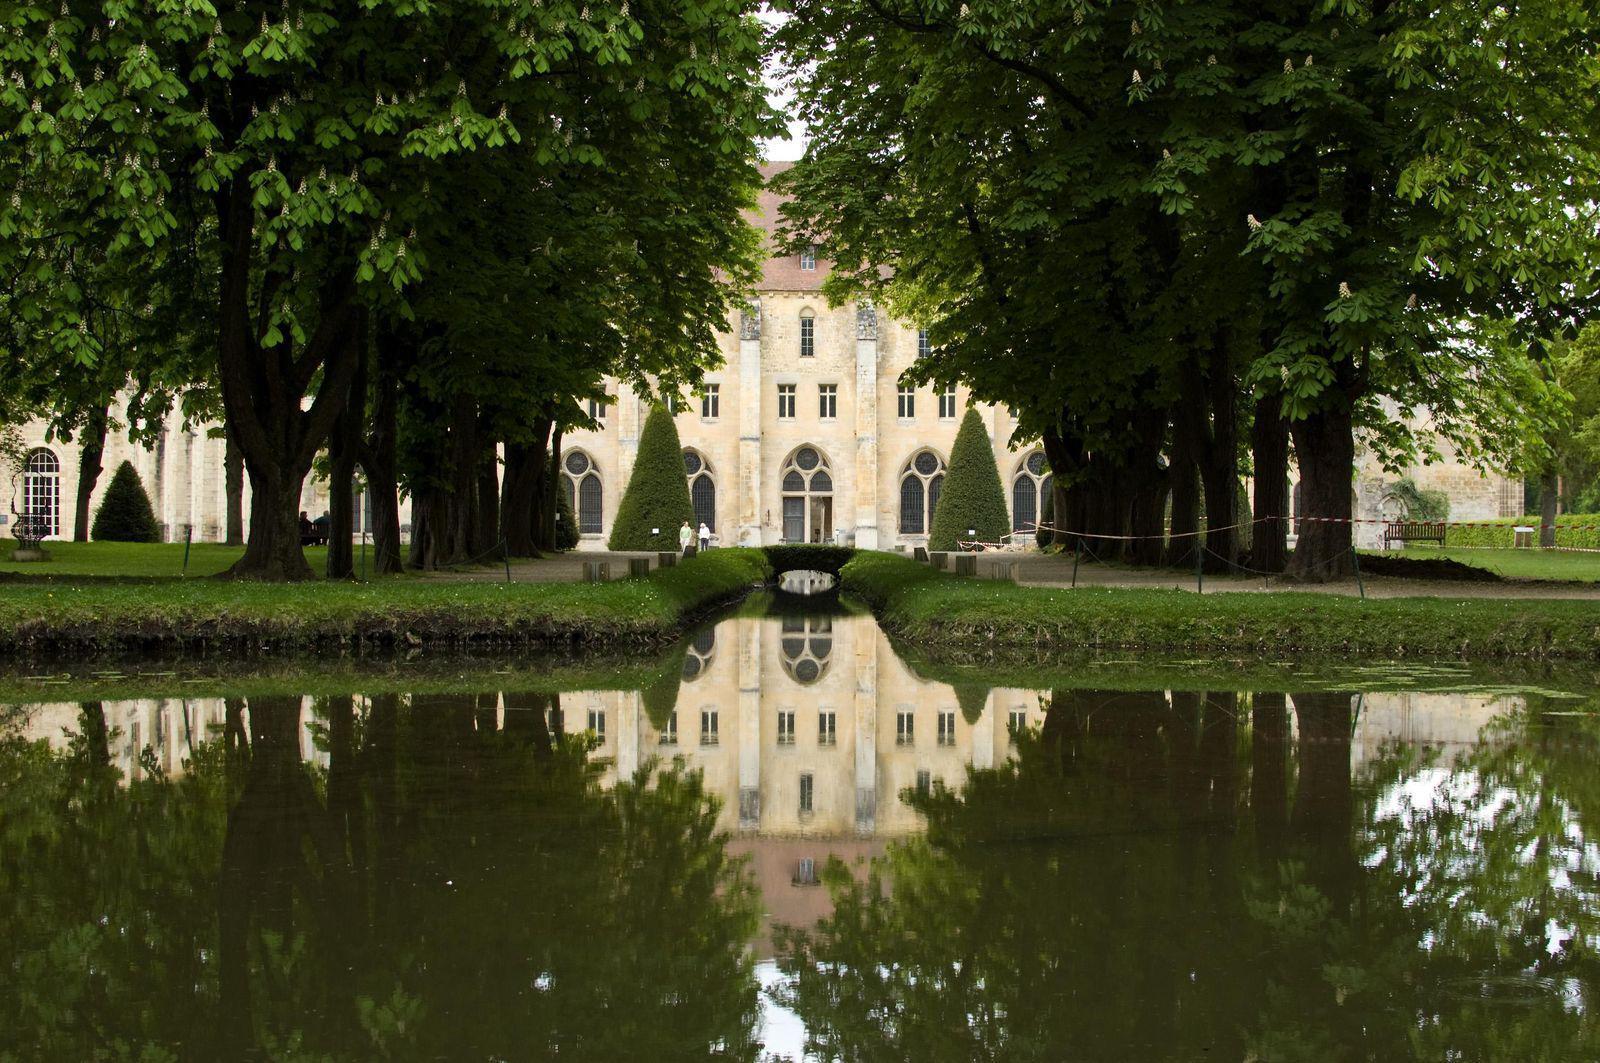 Abbaye royale de RoyauMont_Asnières-sur-Oise